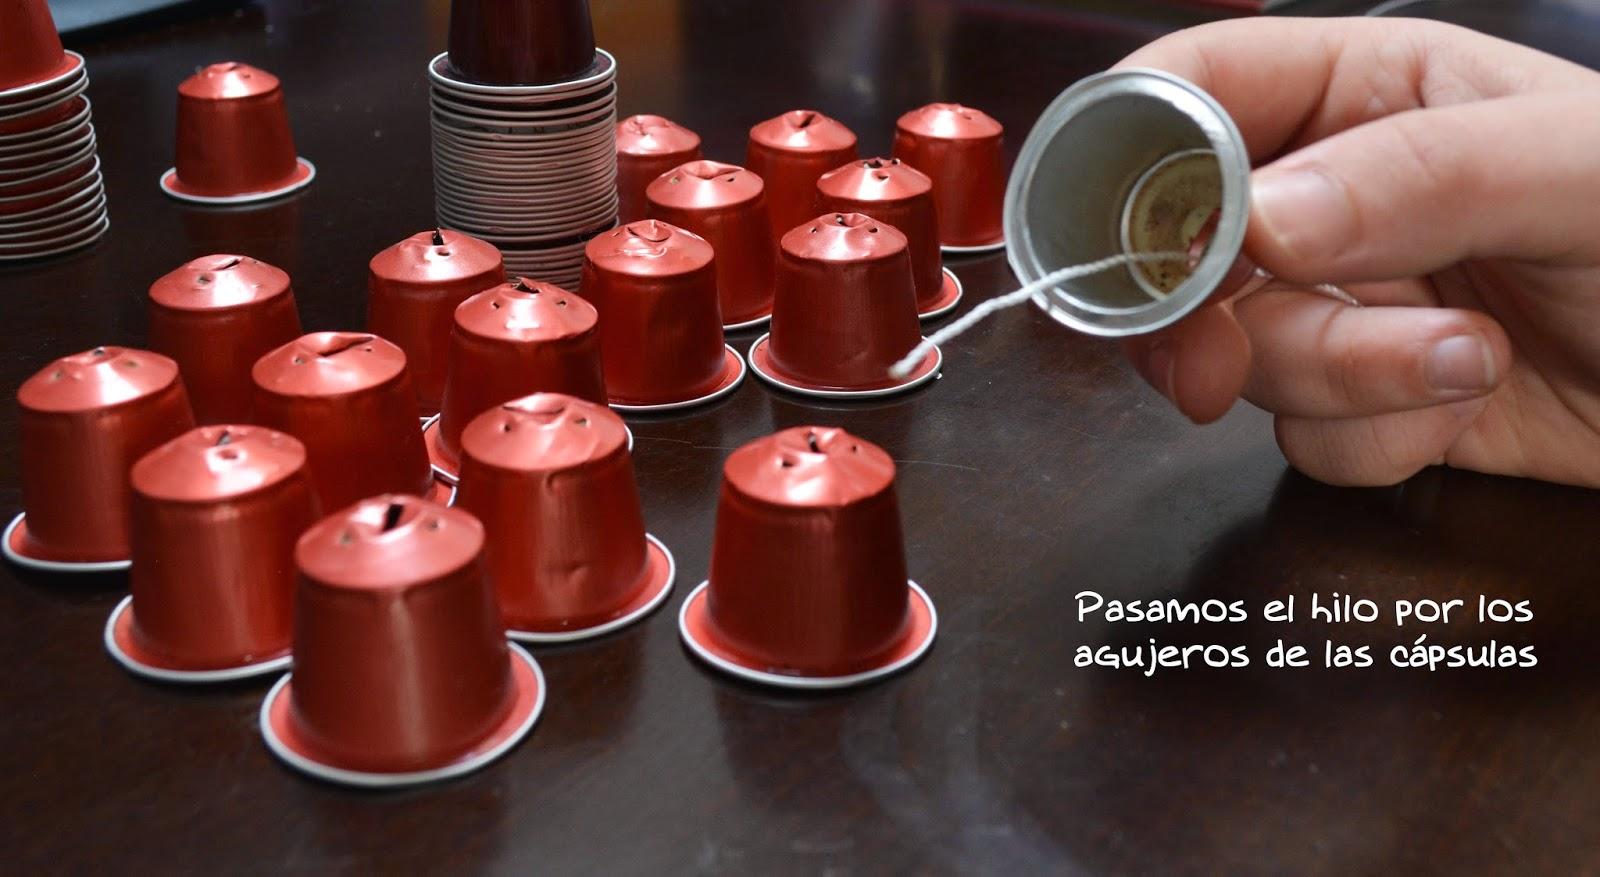 Pulsikiss diy guirnaldas con capsulas nespresso - Que hacer con capsulas nespresso ...